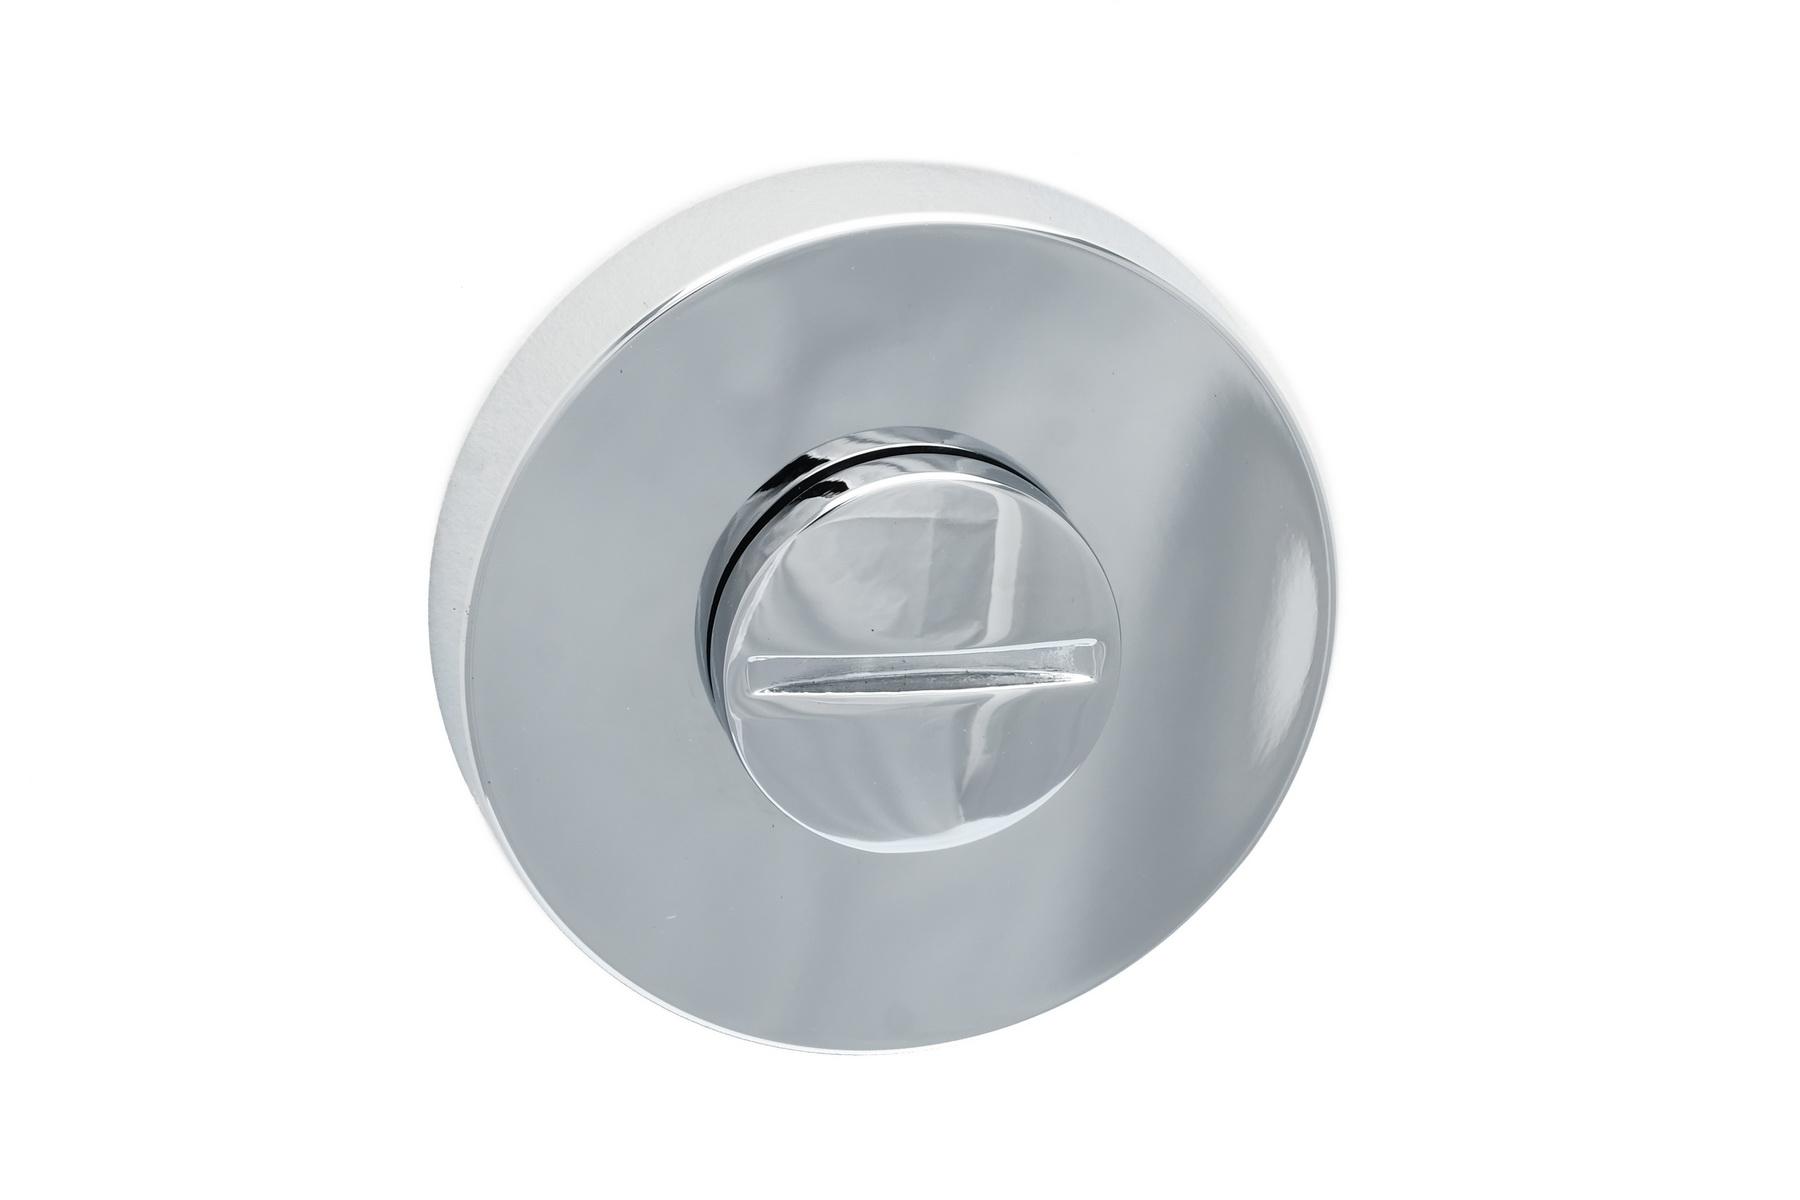 Safita WC R65 CP Поворотники дверные